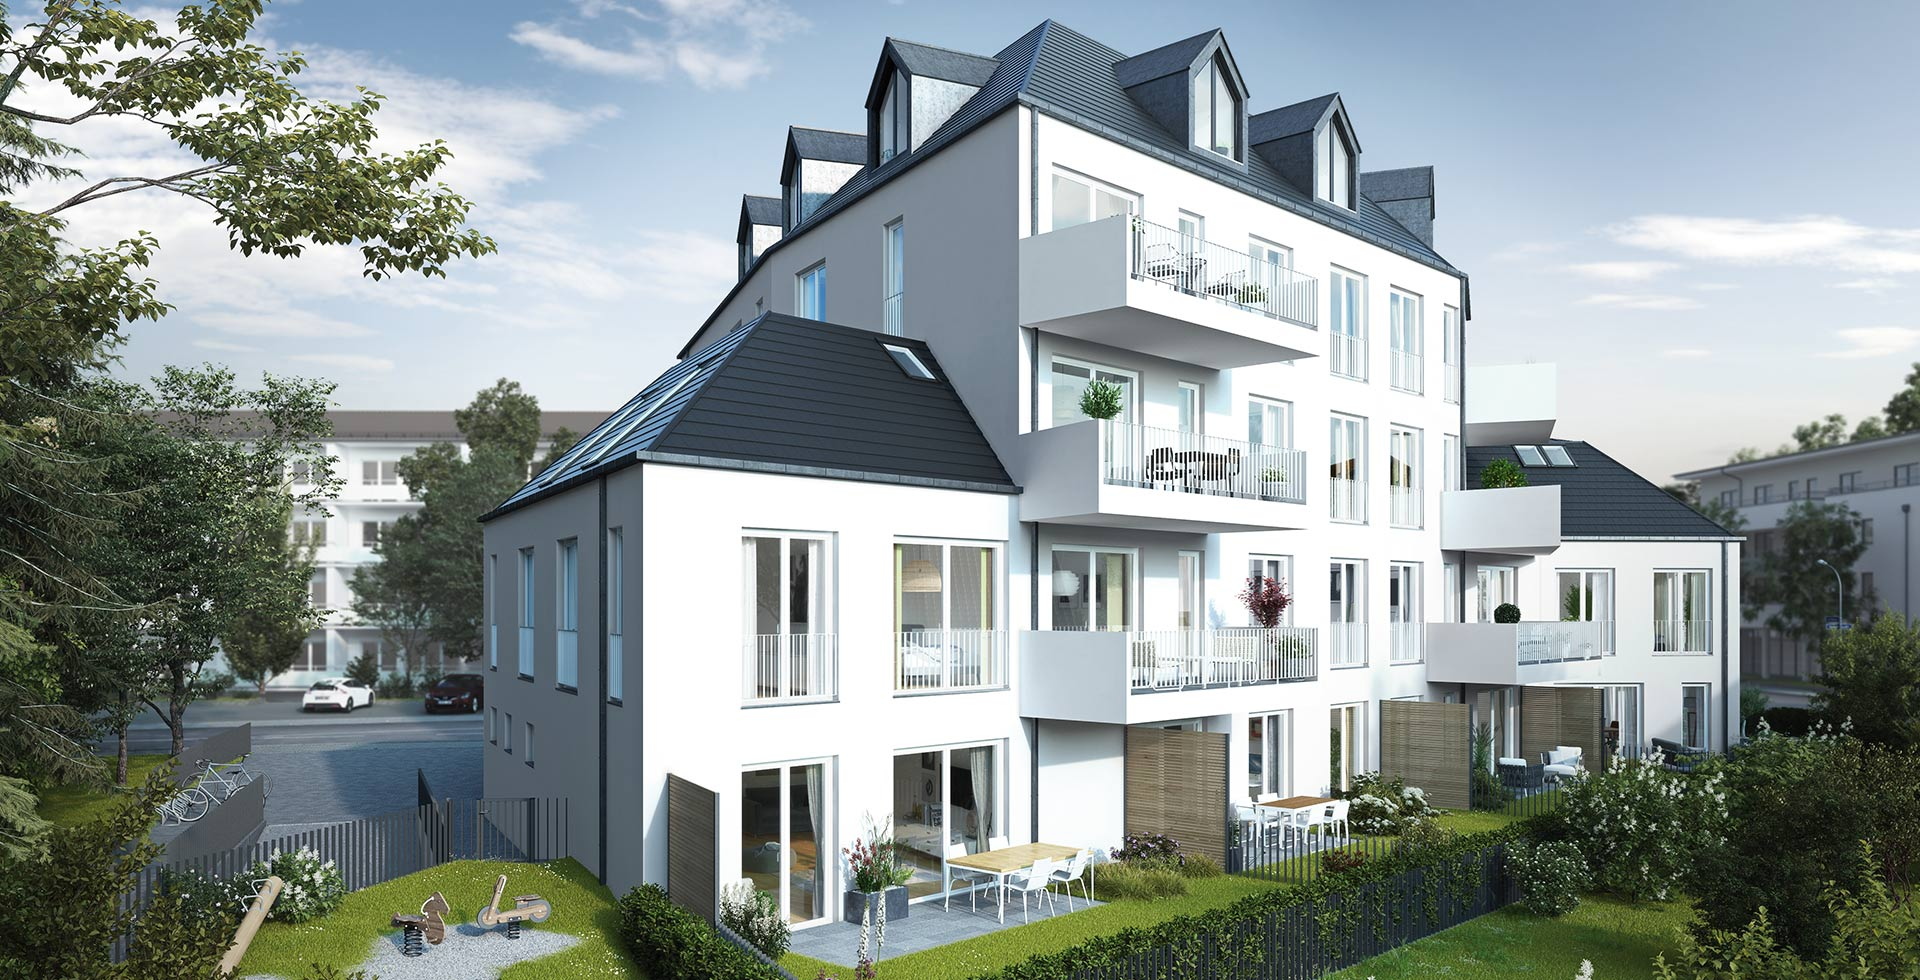 LHOMES_Neubauimmobilie_Sauerlacherstrasse-Wolfratshausen-Aussenansicht